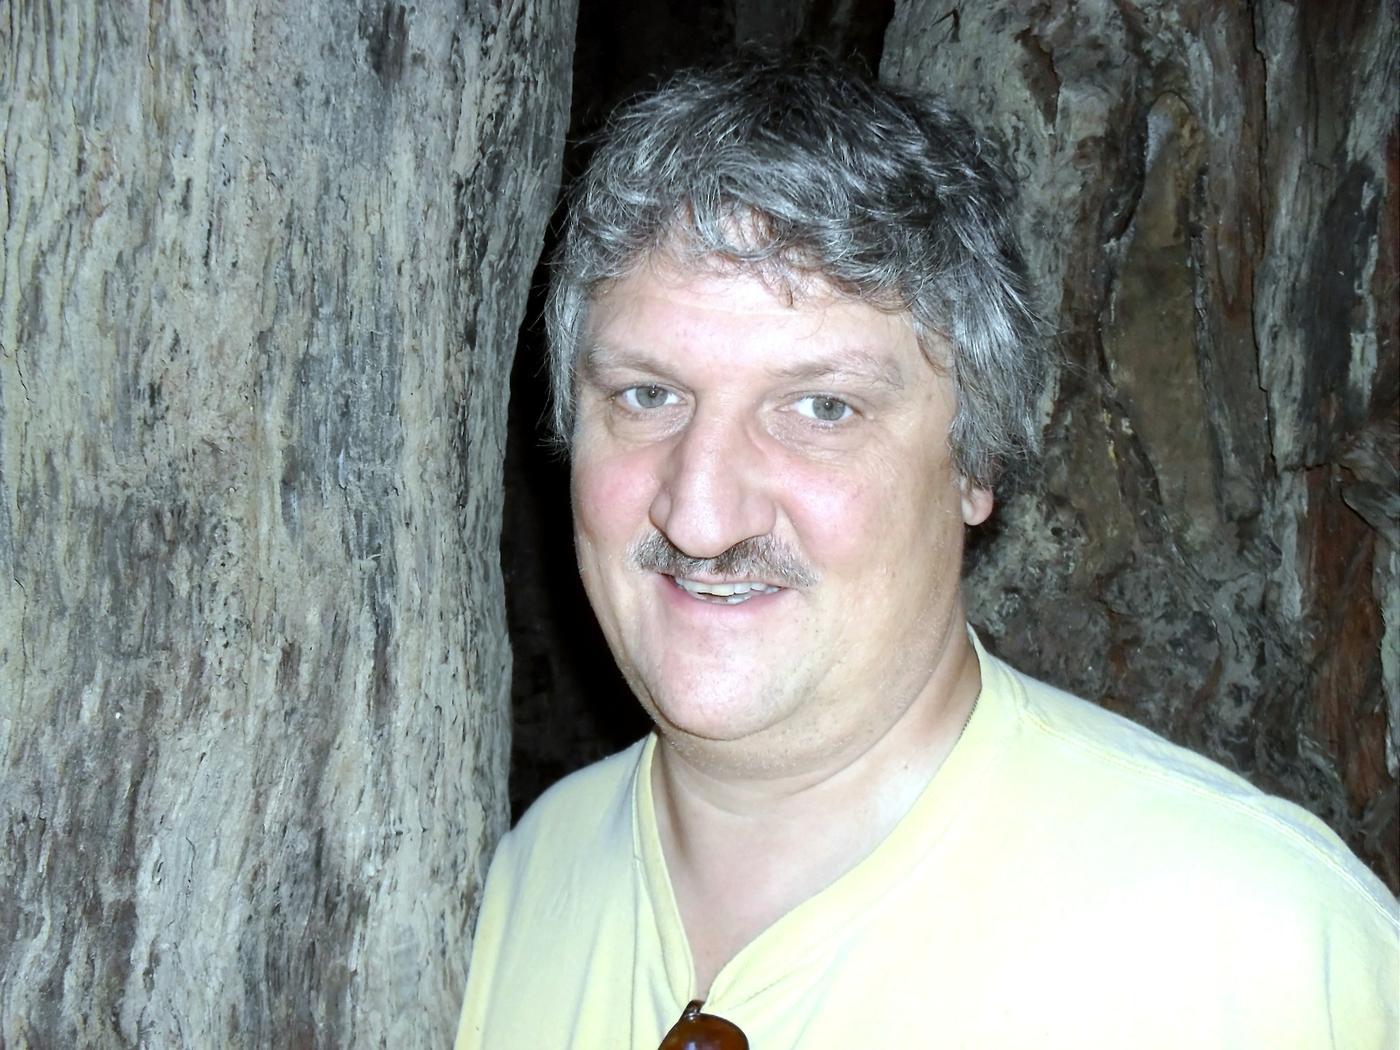 Gregory Garceau